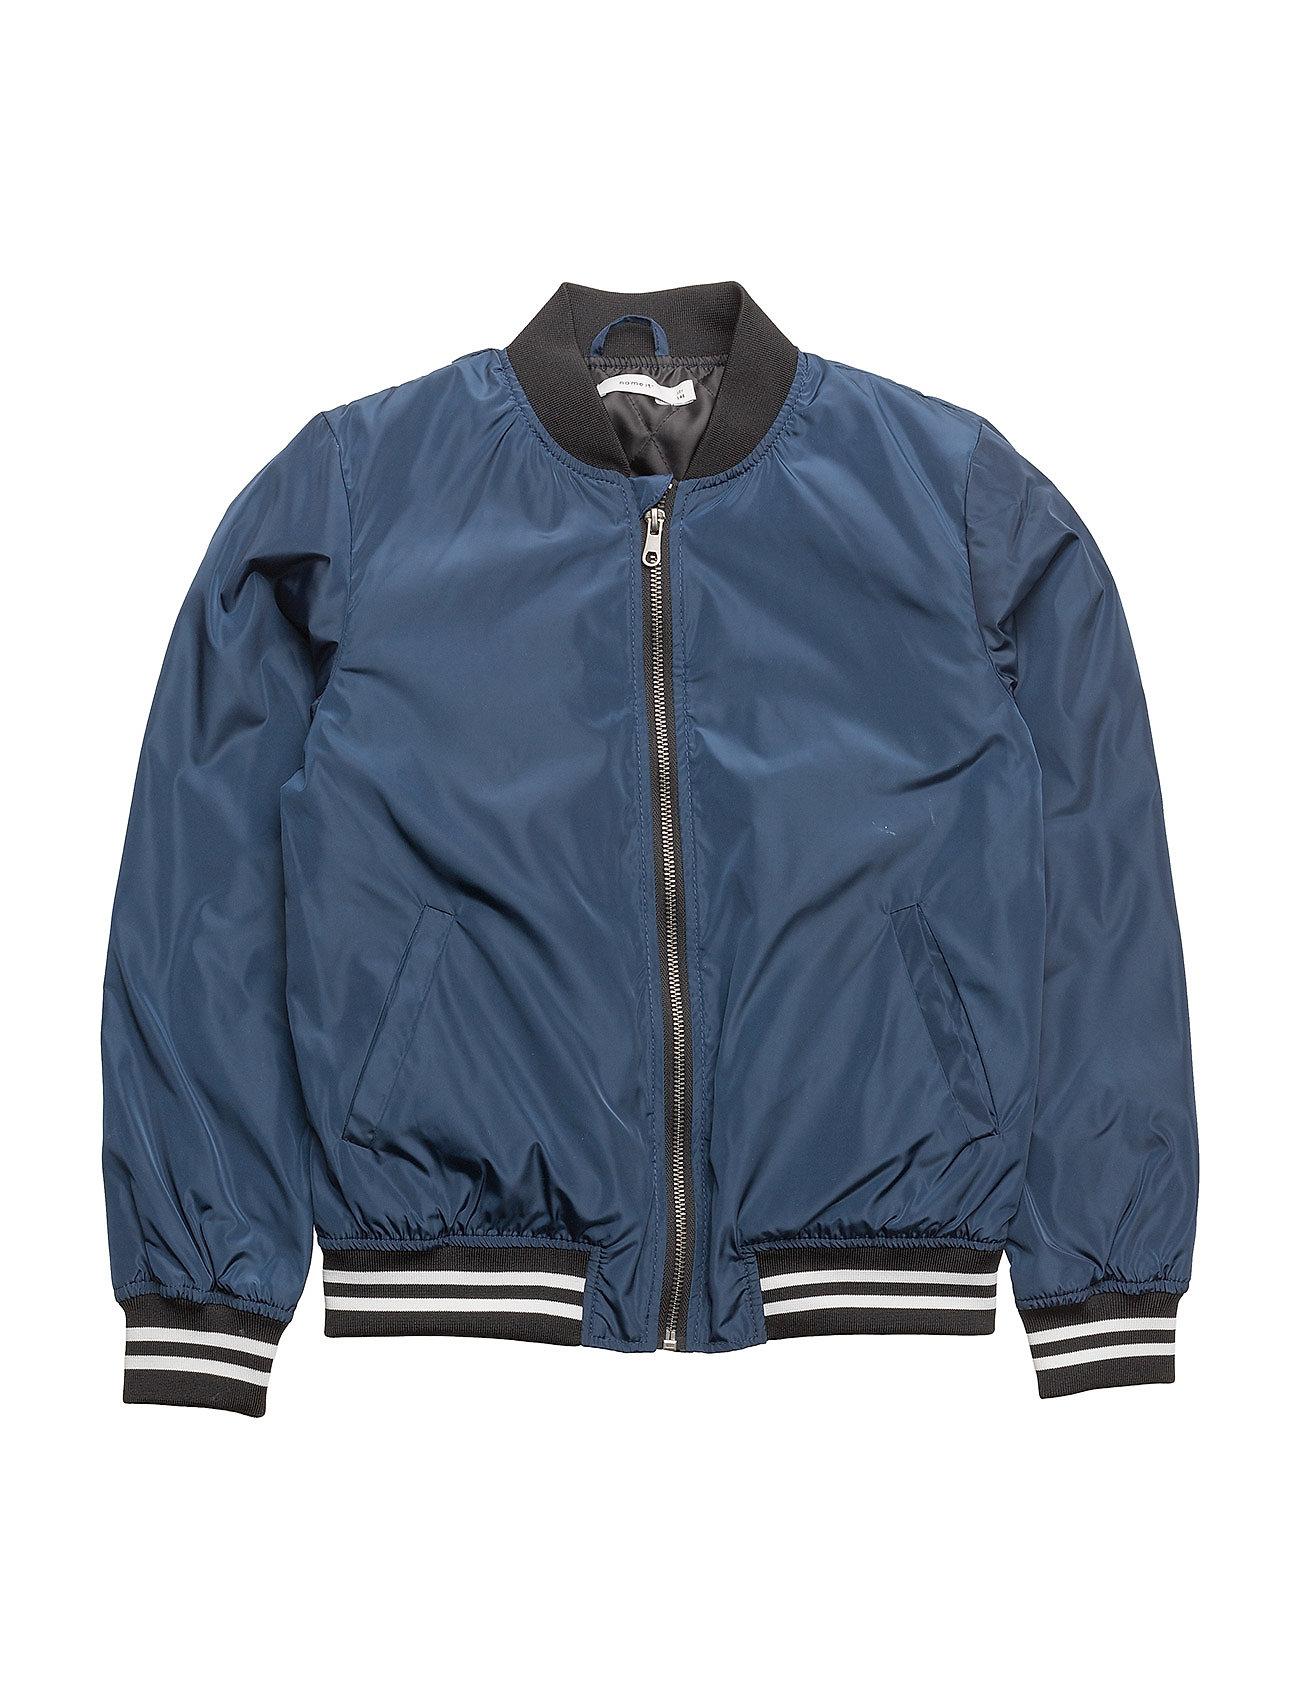 nkmmarten bomber jacket dress blues name it. Black Bedroom Furniture Sets. Home Design Ideas